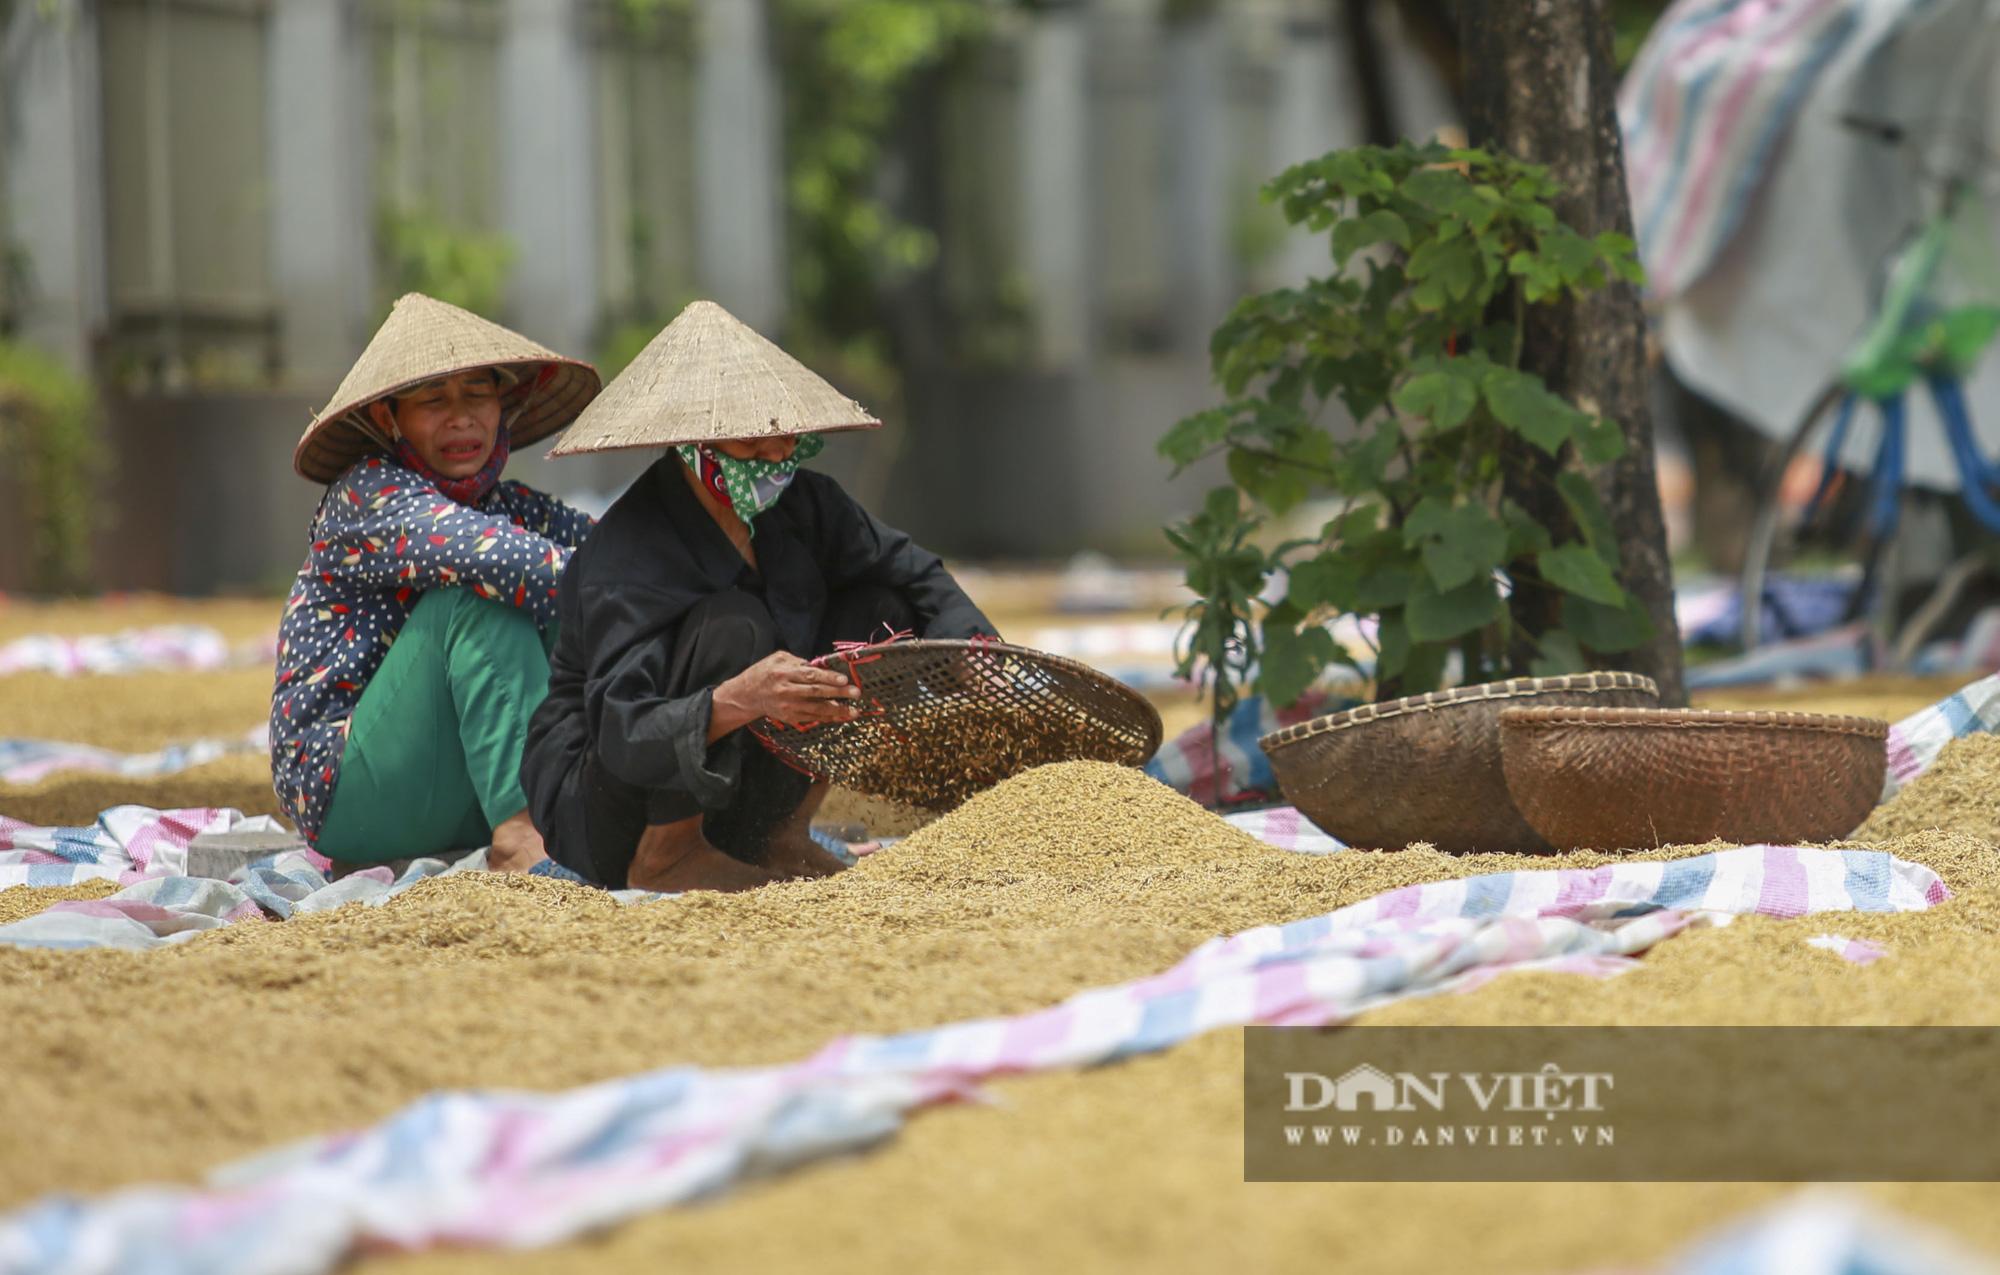 Hà Nội: Nông dân bất lực nhìn lúa mọc mầm vì mưa liên tiếp - Ảnh 2.